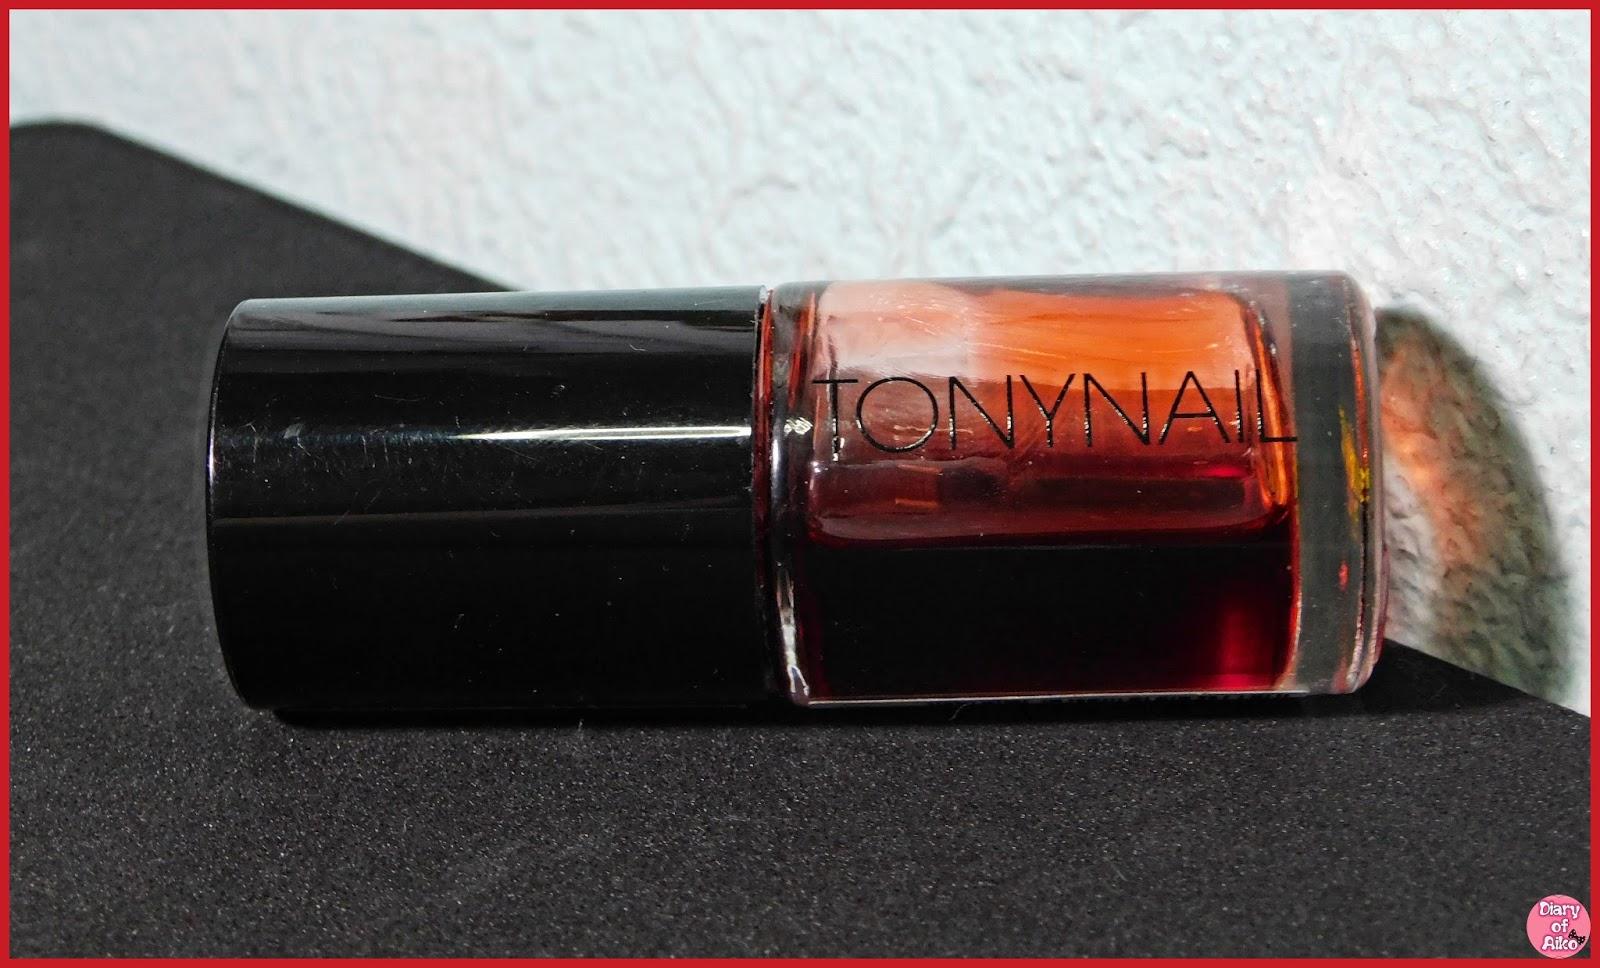 Review Tonymoly Delight Tony Tint Nail 01 Cherry Pink Moly